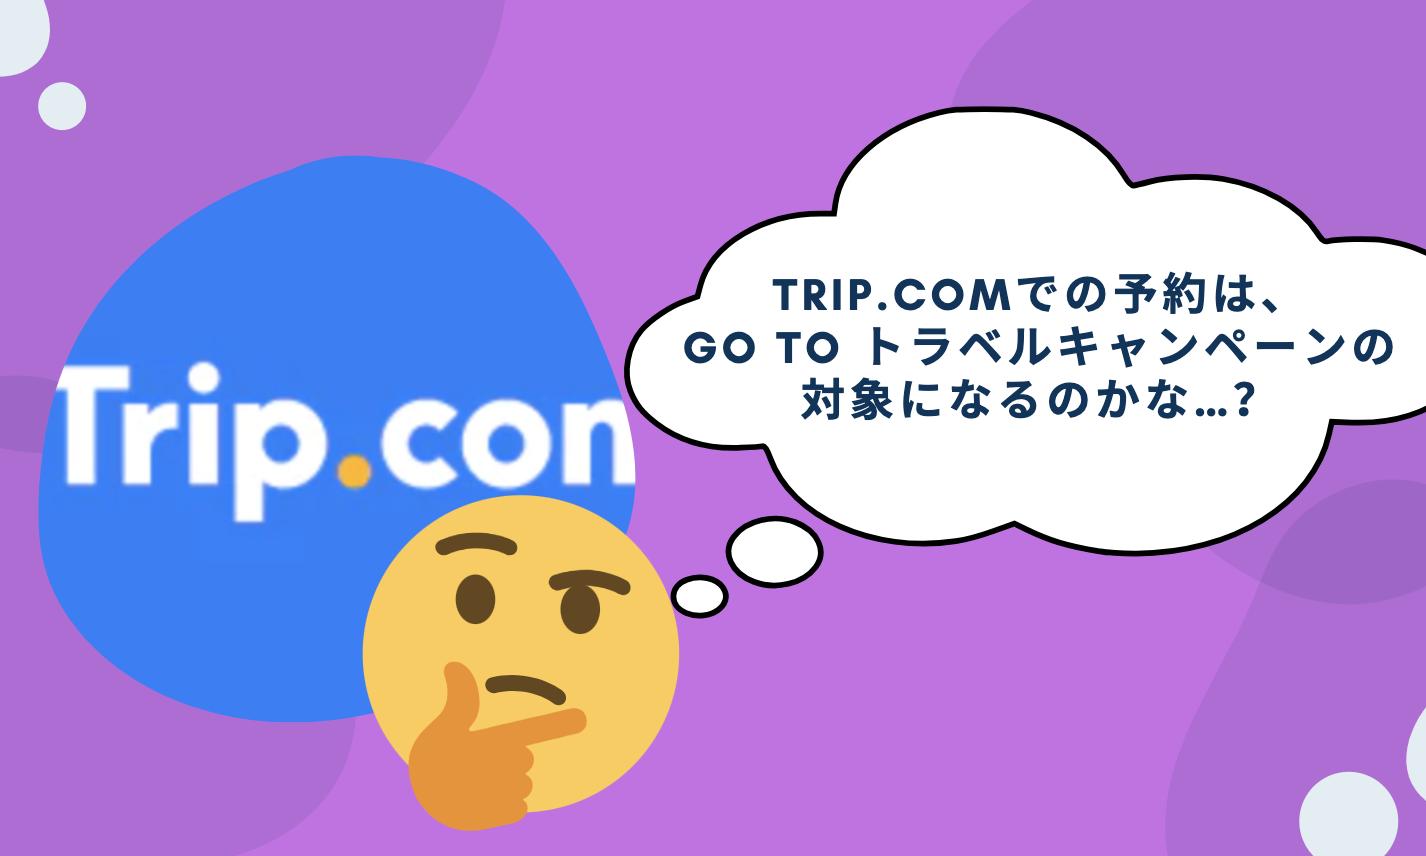 Trip.comはGo To キャンペーン対象